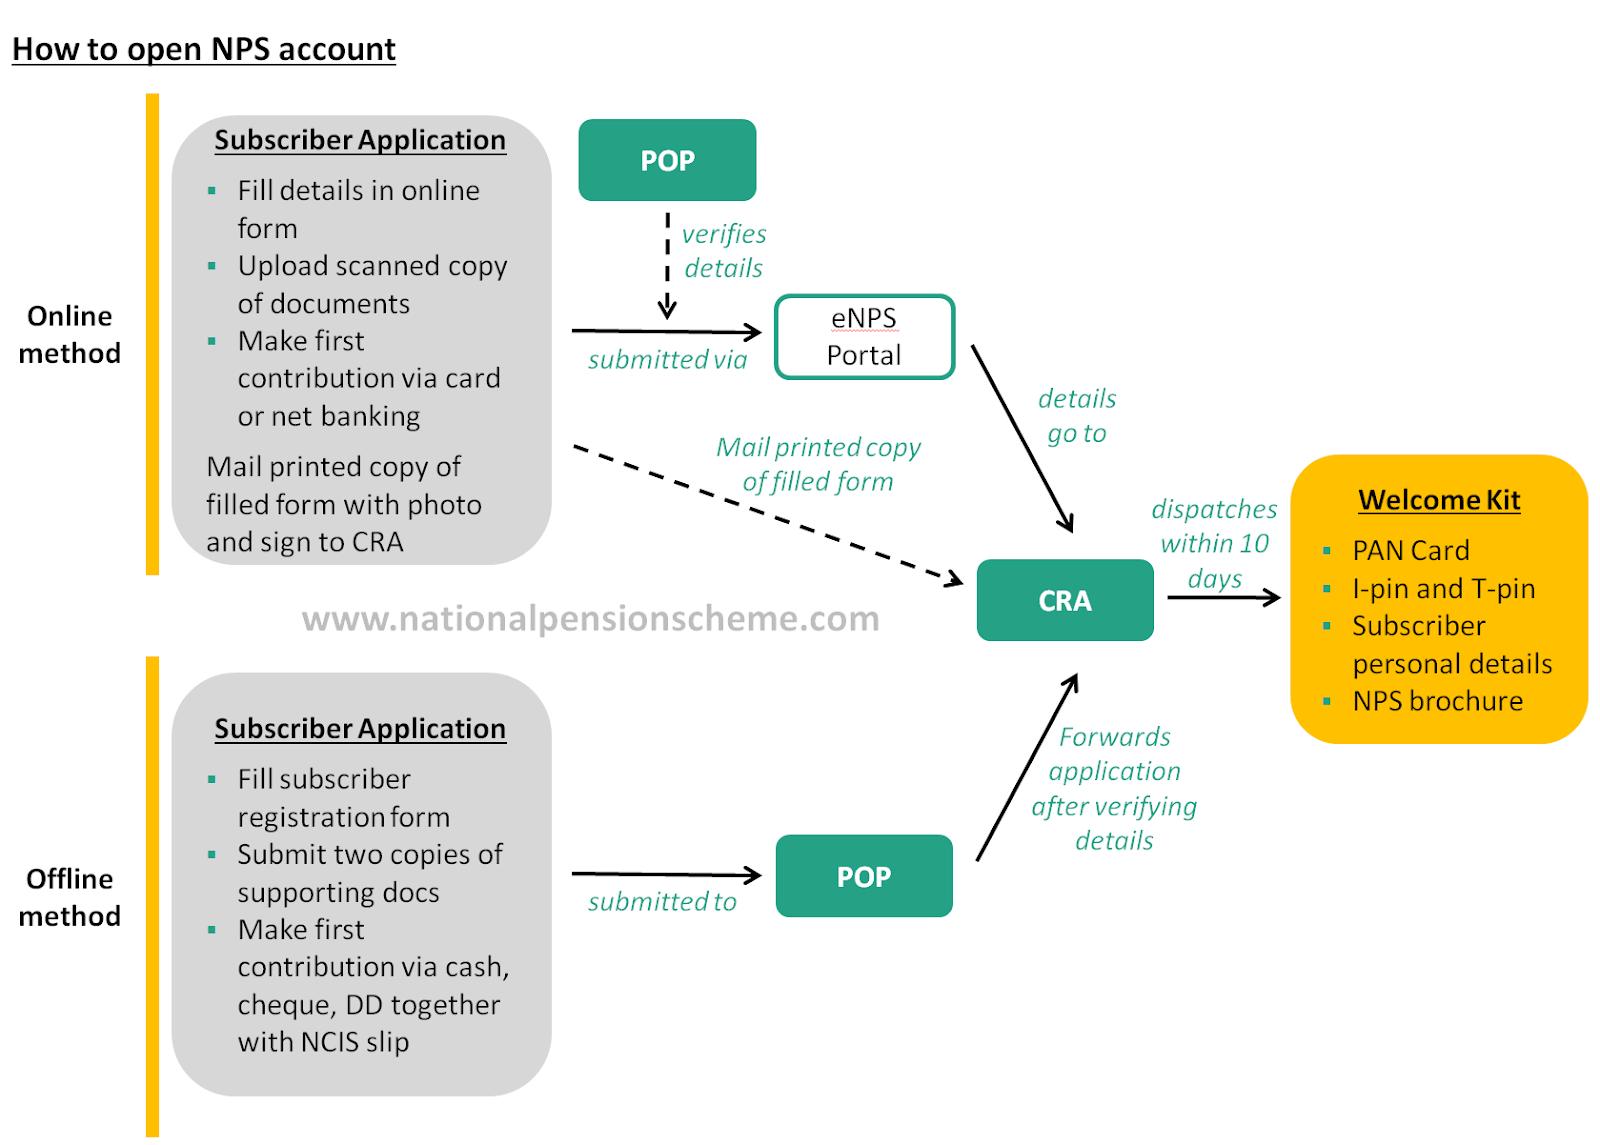 Procedure for opening NPS account using online and offline methods